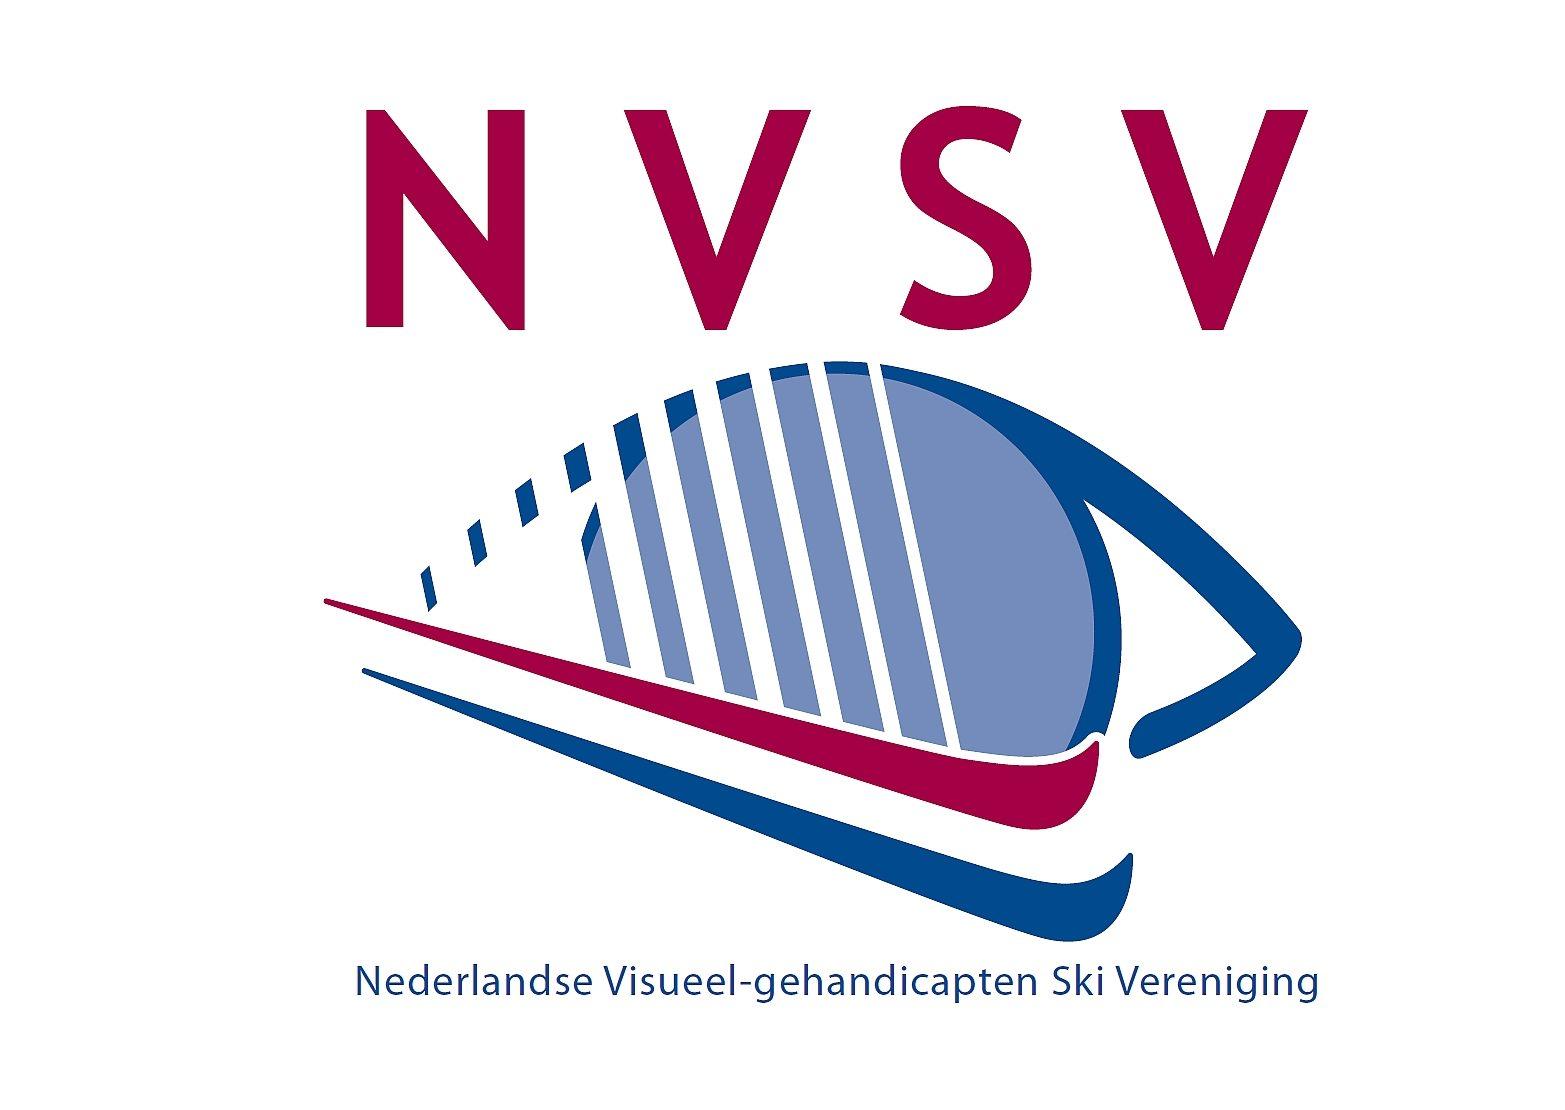 Nederlandse Visueel-gehandicapten Ski Vereniging